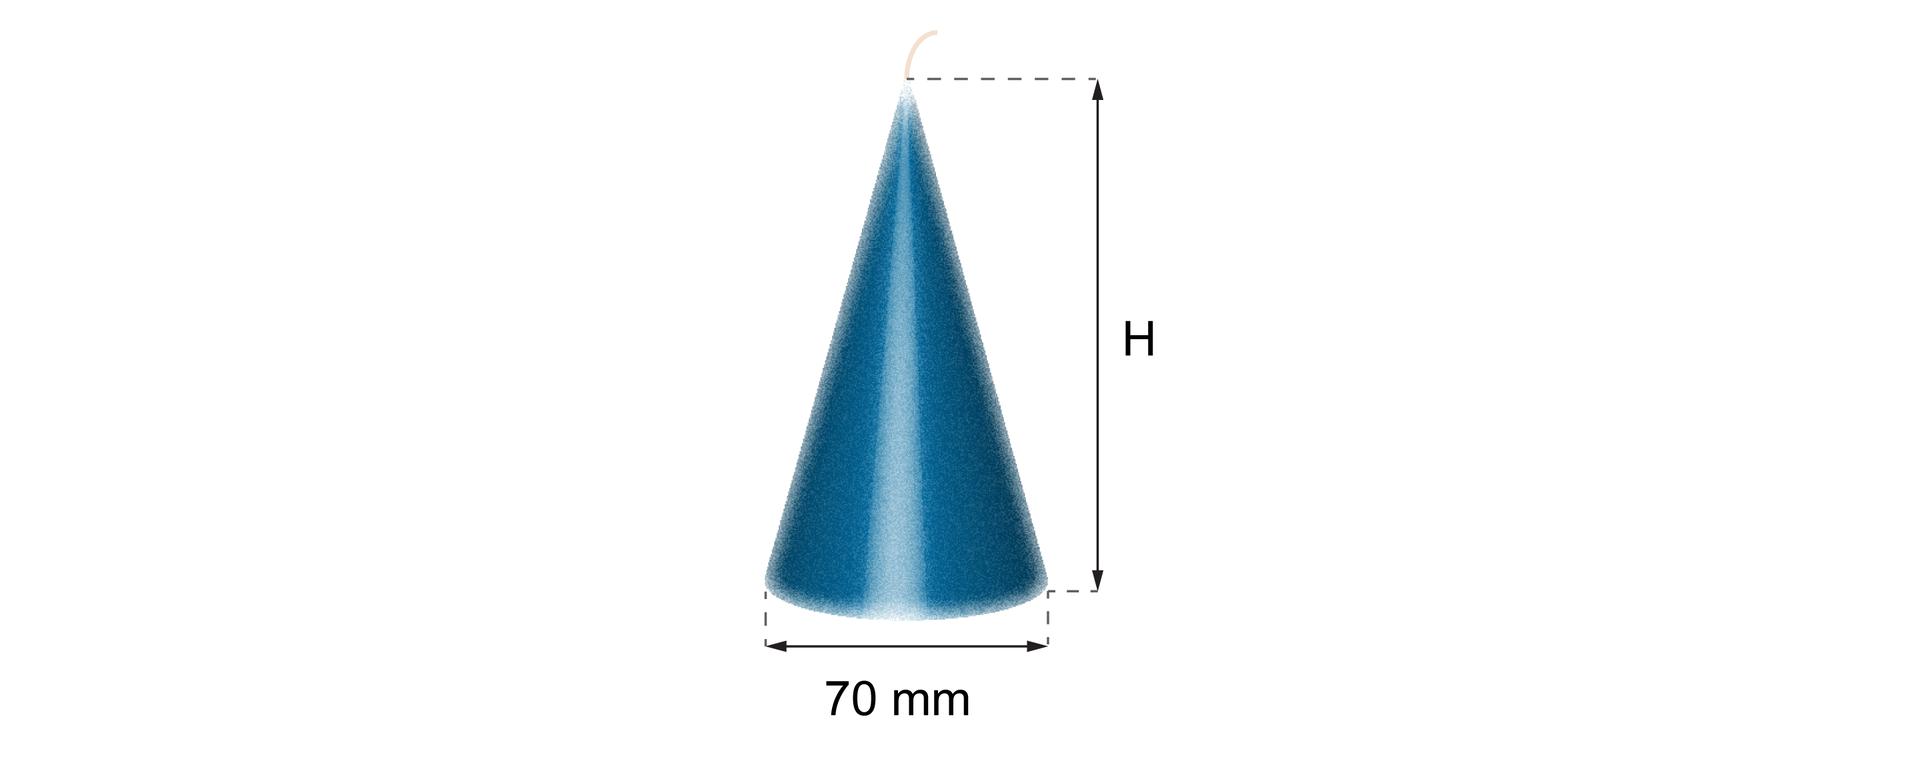 Rysunek stożka owysokości Hiśrednicy podstawy 70 mm.